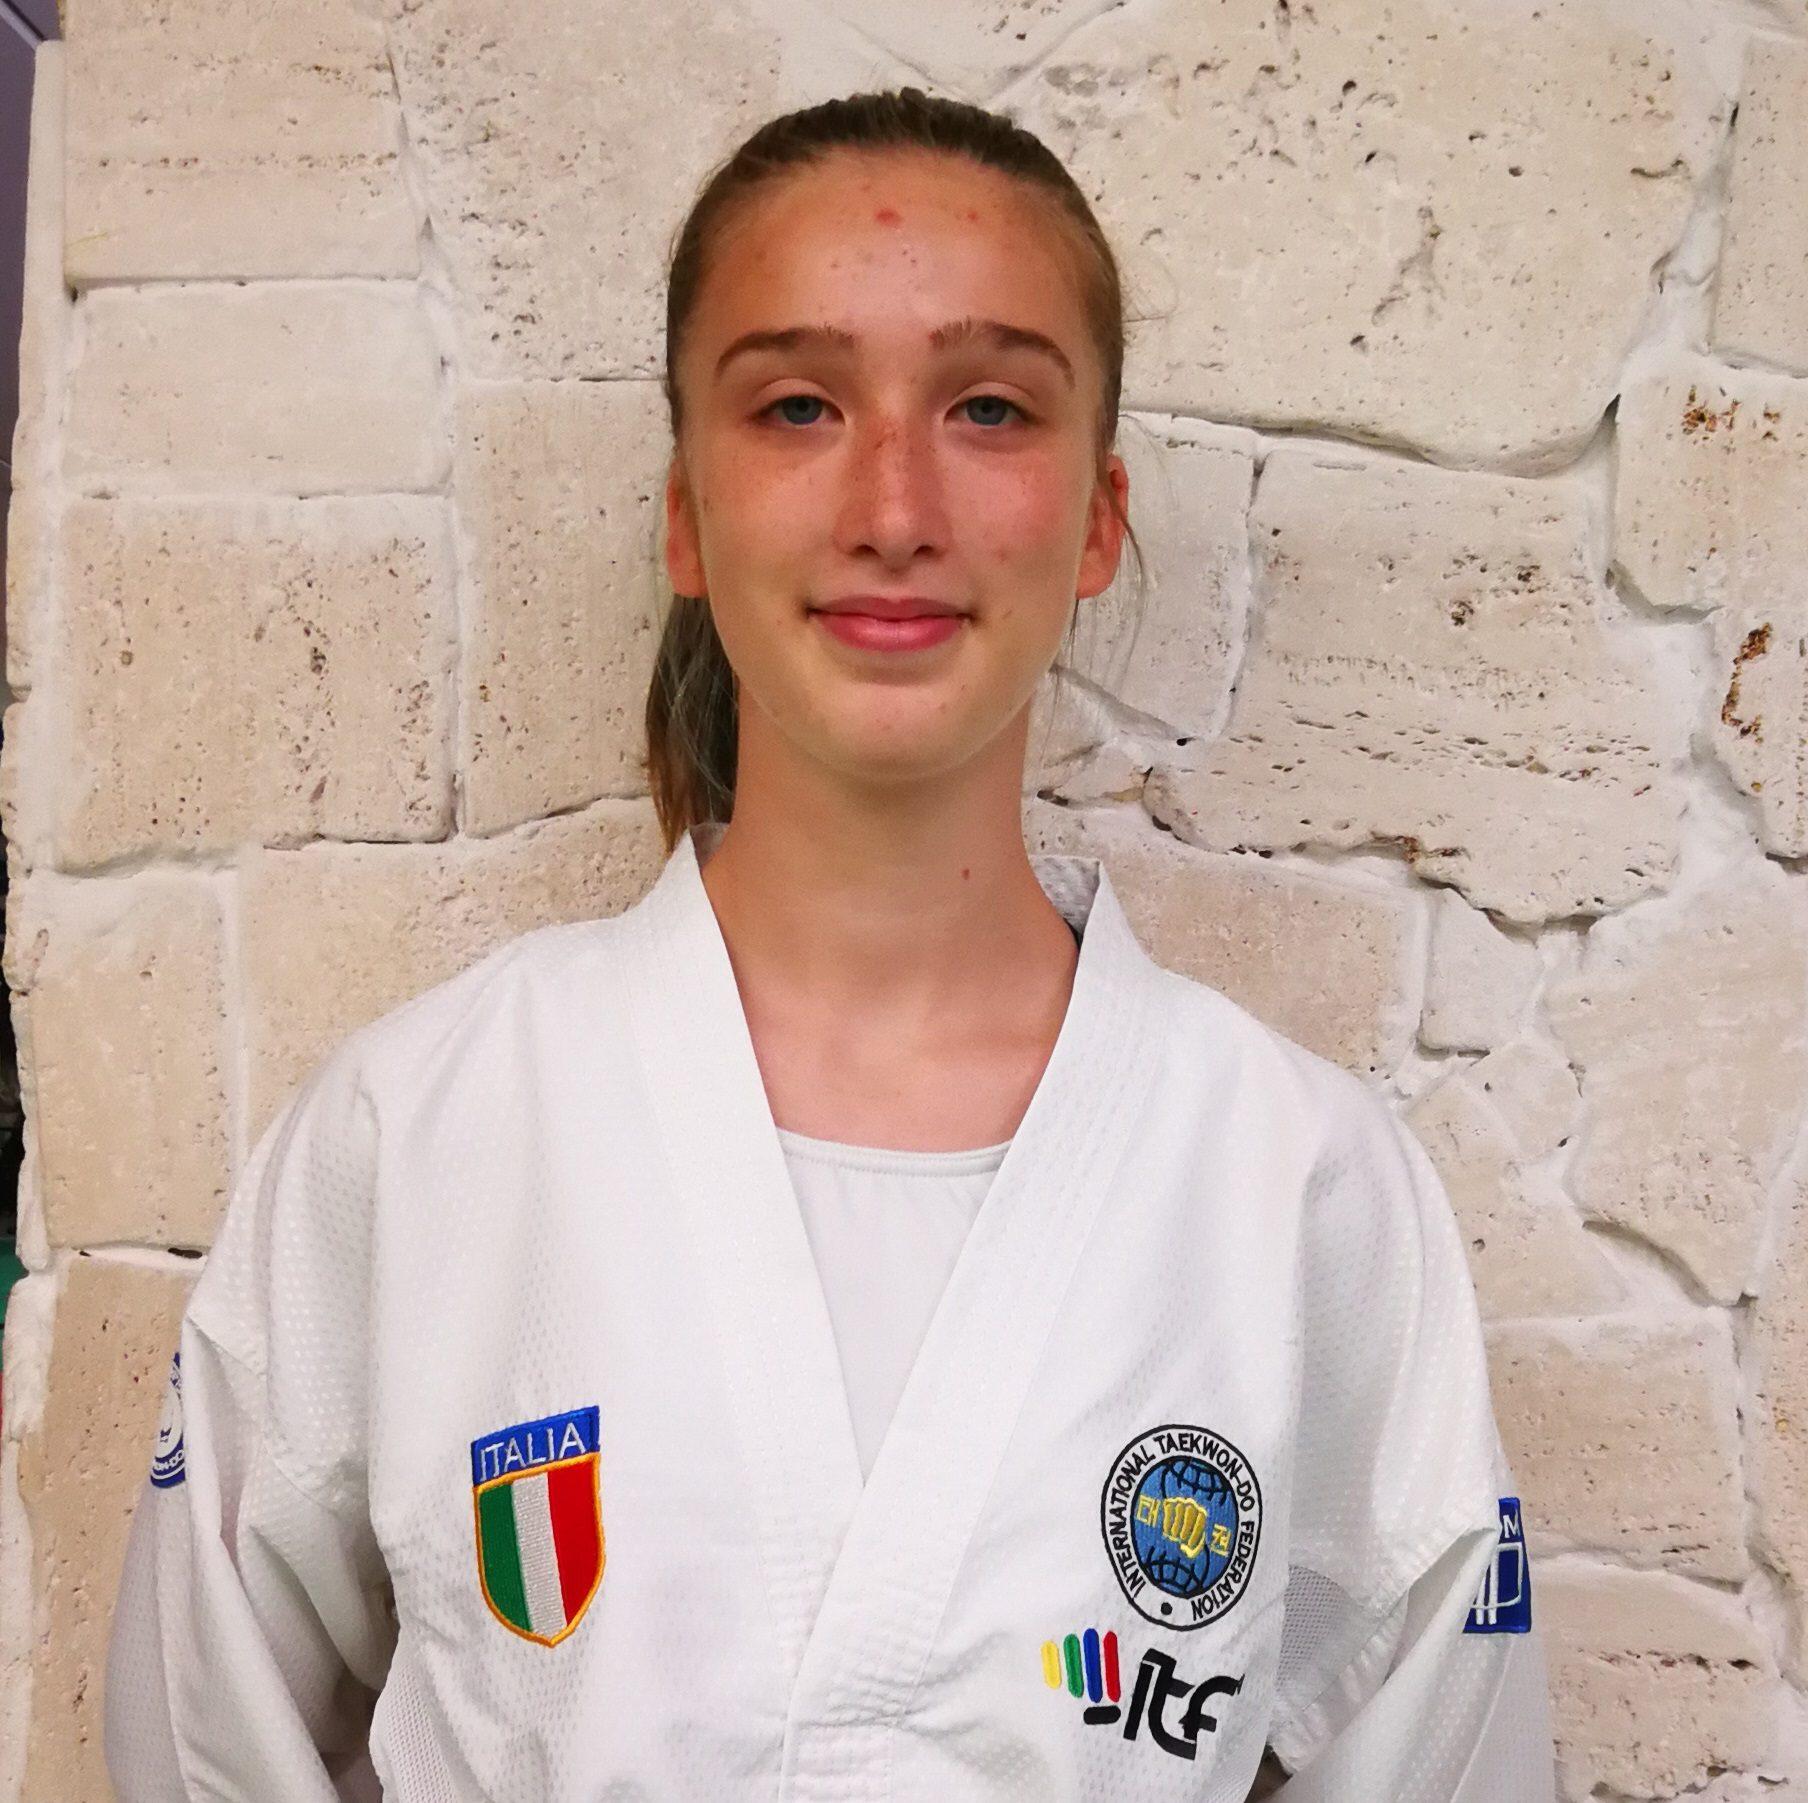 Ginevra Bregolin